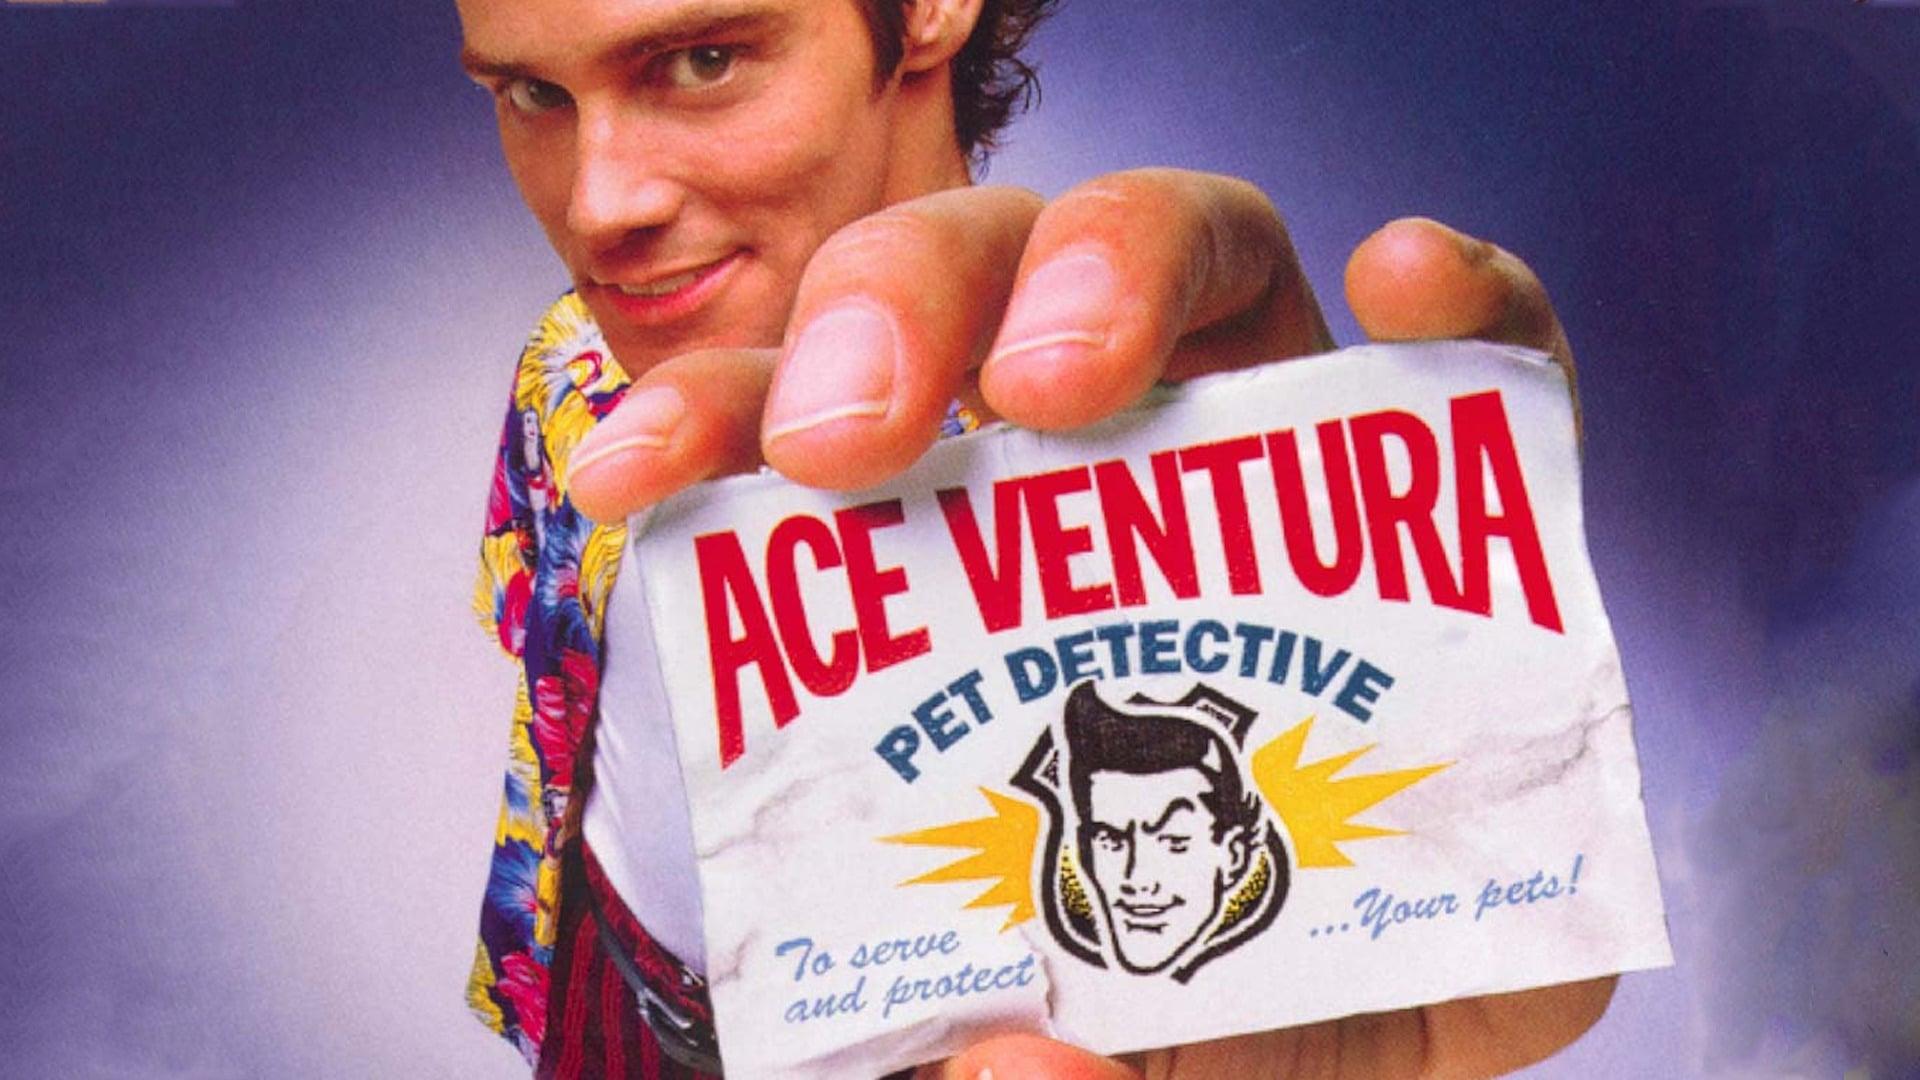 ace ventura movie watch online free